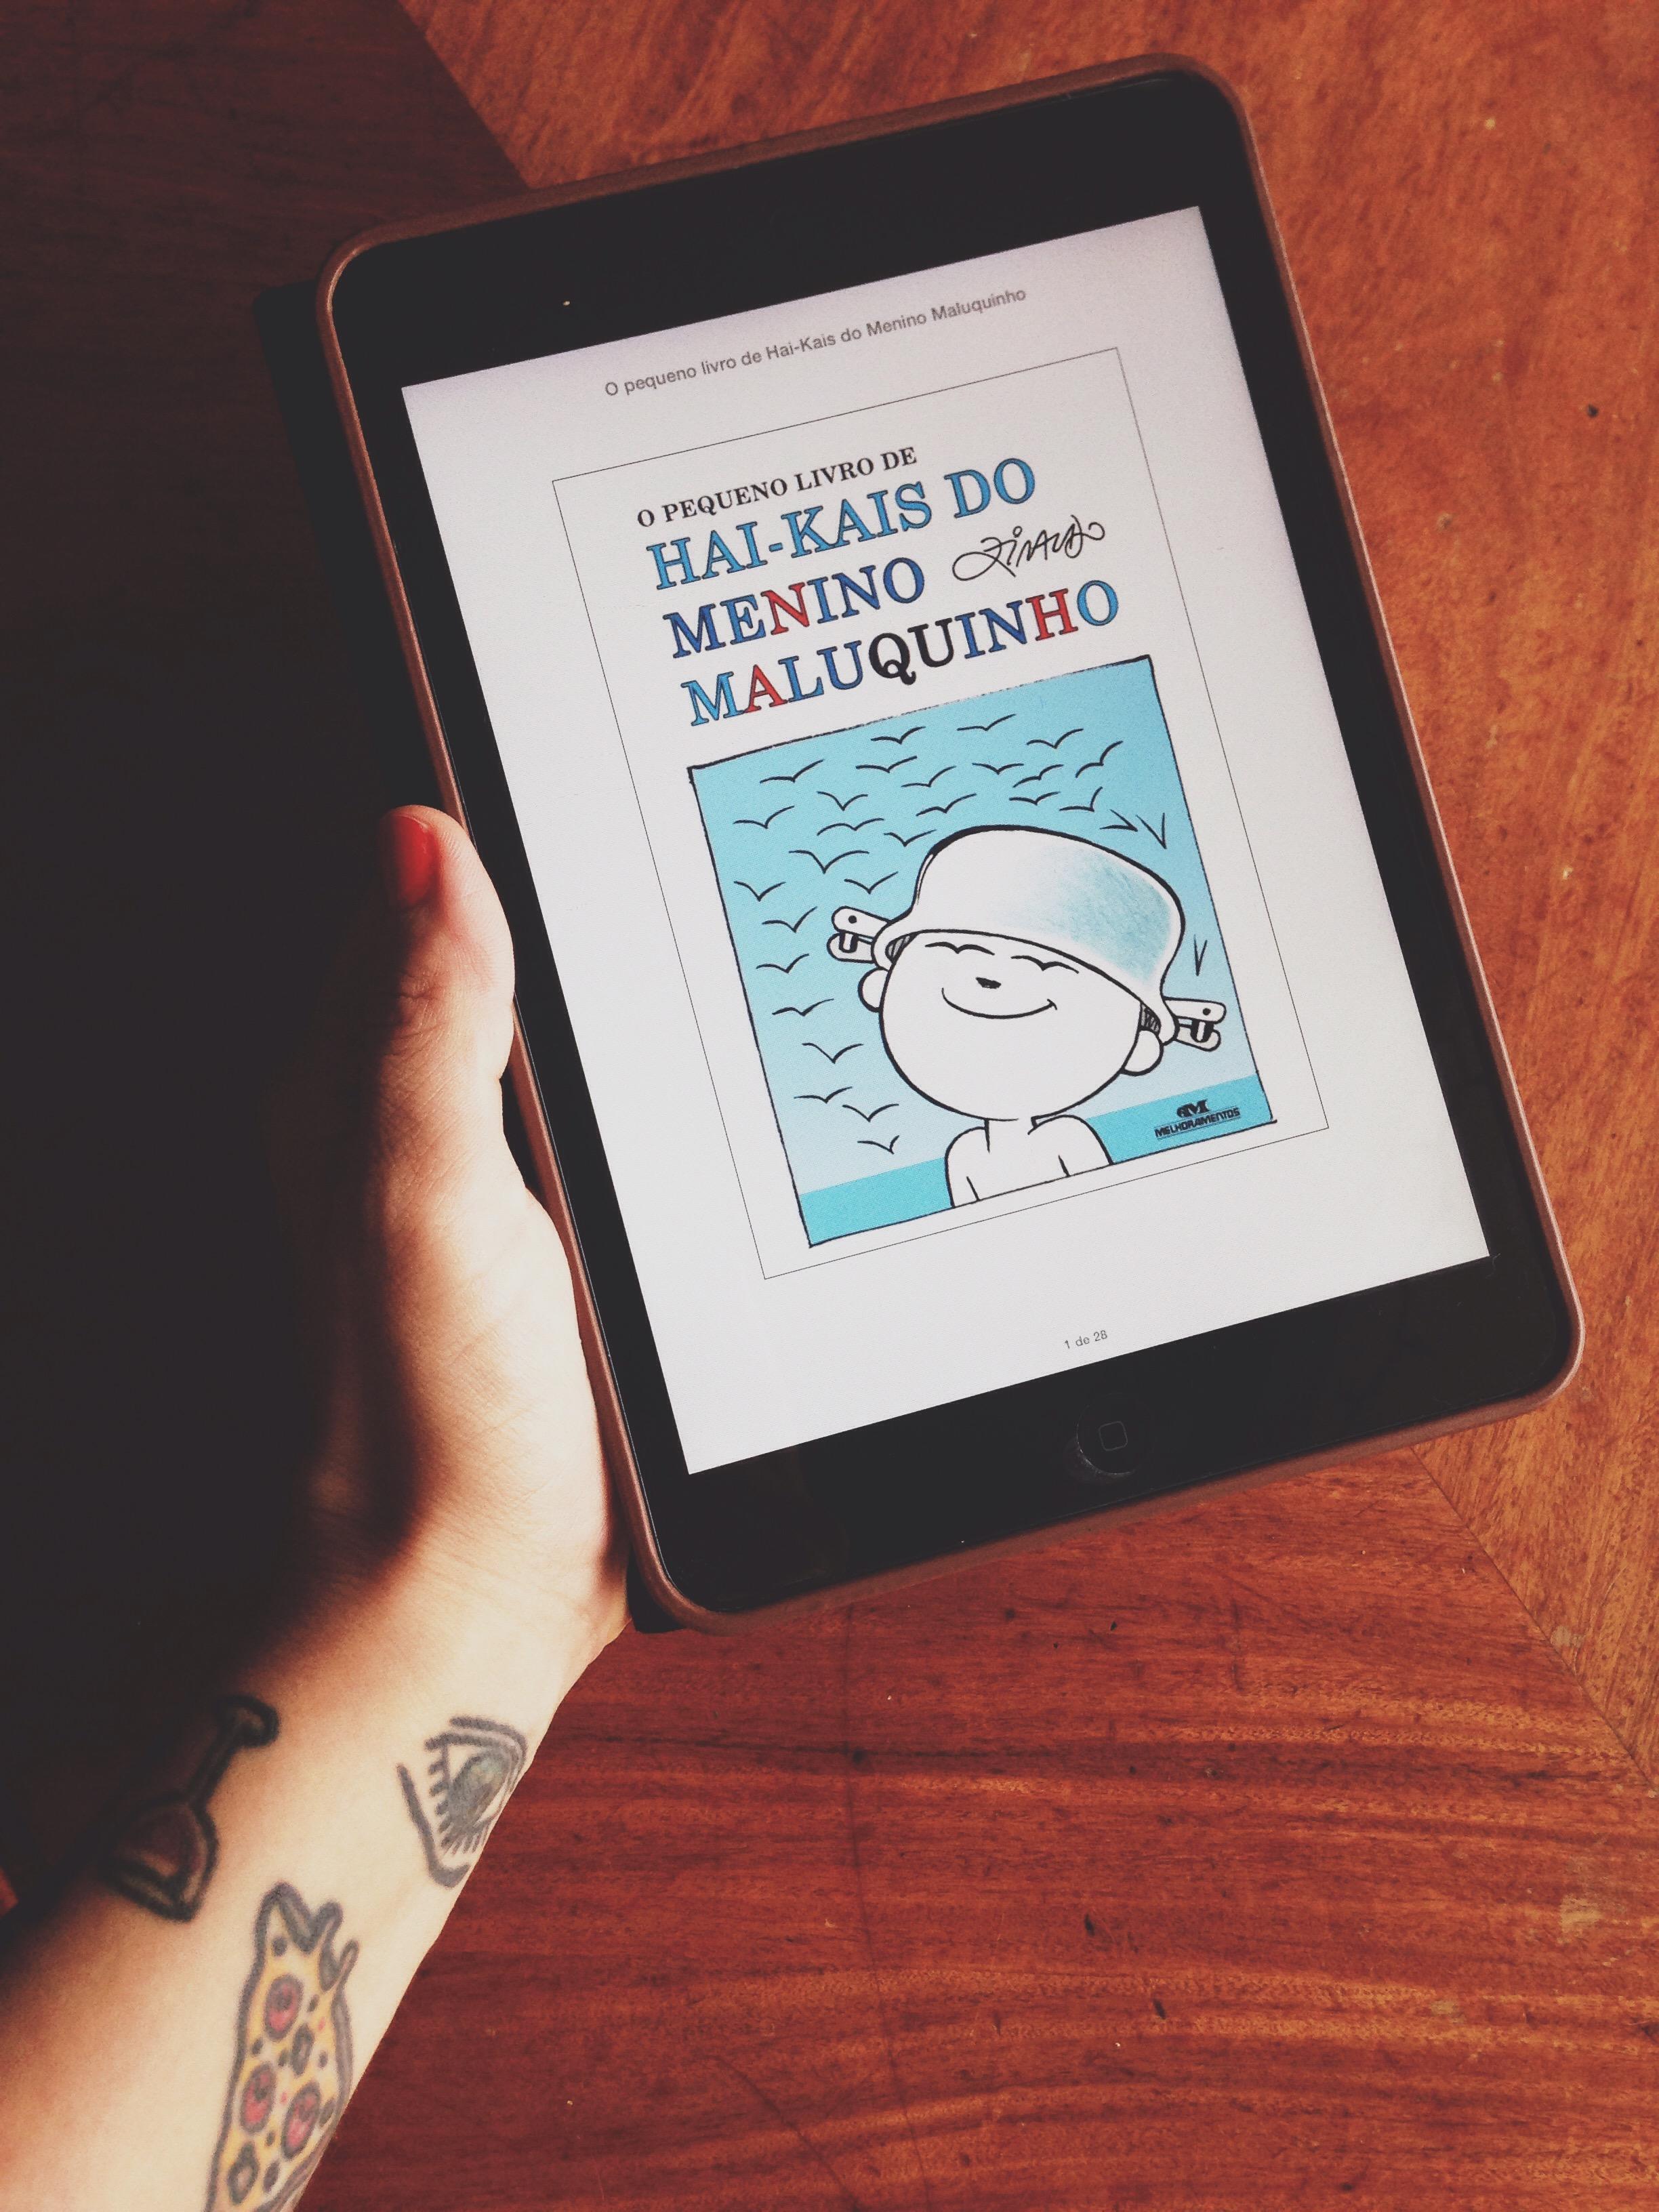 Livrinho digital e gratuito. :)